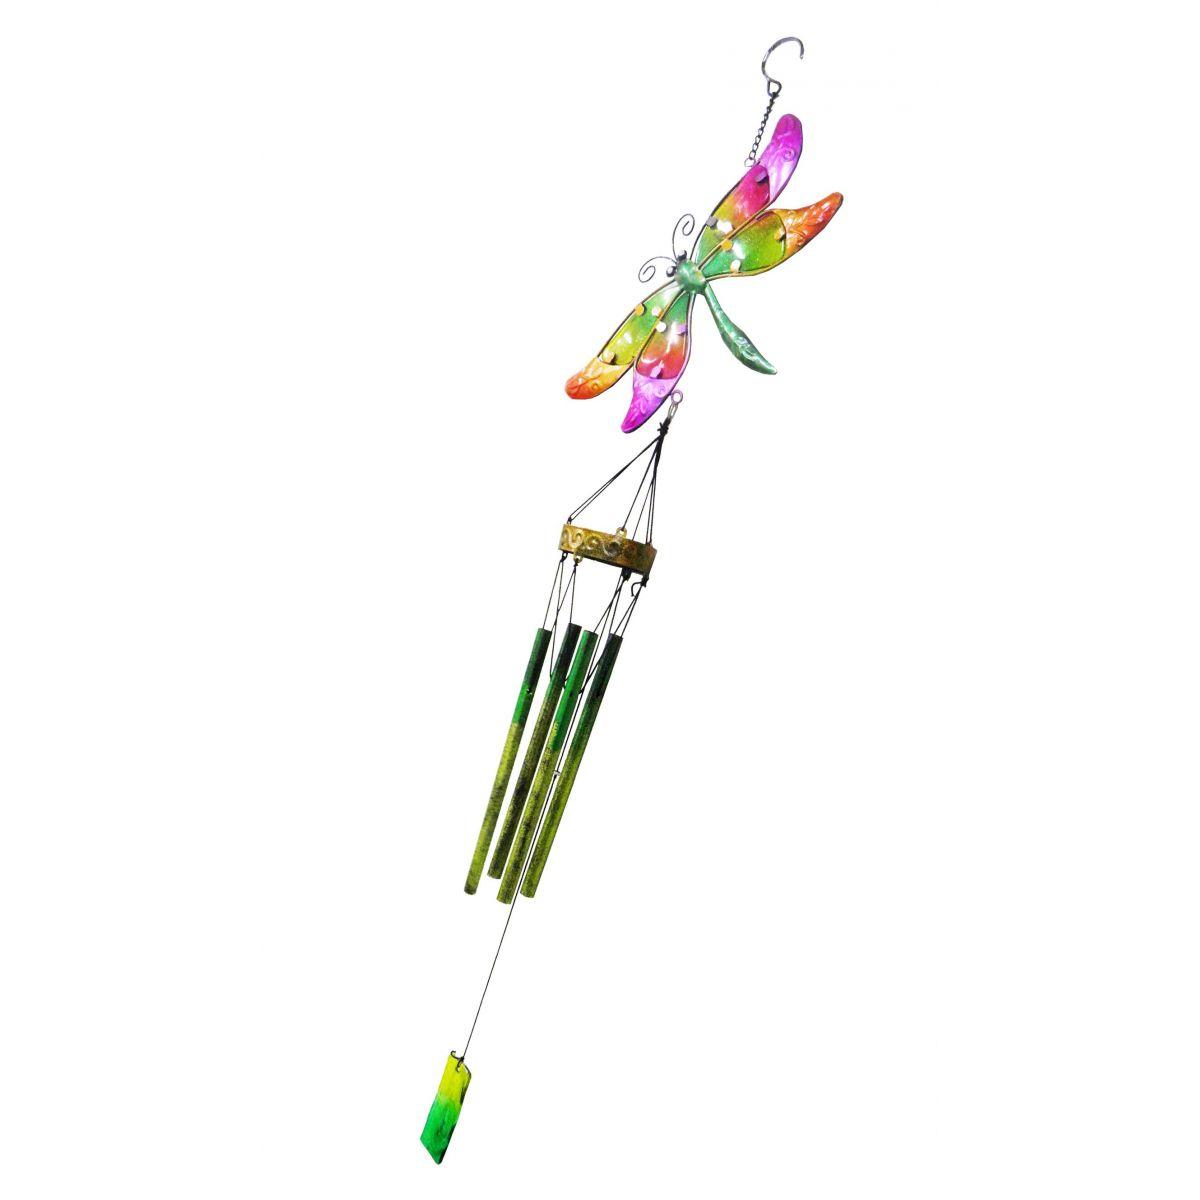 Sino dos Ventos Tradicional Libelula Colorida Aluminio Cauda Verde (SIN-1)